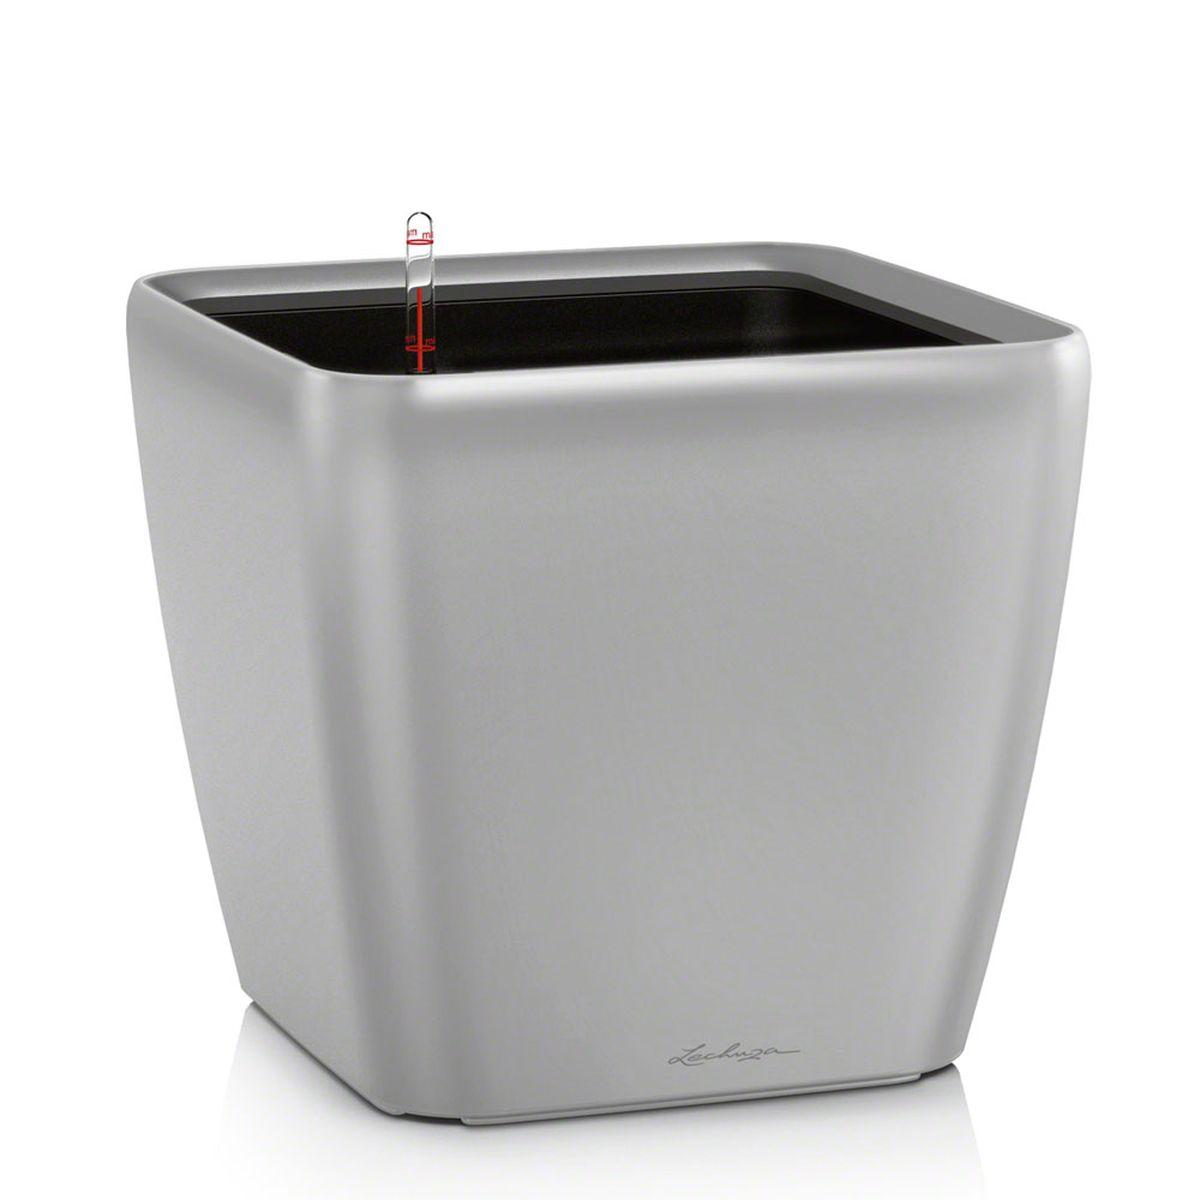 Кашпо Lechuza Quadro, с системой автополива, цвет: серебристый, 21 х 21 х 20 см16128Кашпо Lechuza Quadro, выполненное из высококачественного пластика, имеет уникальную систему автополива, благодаря которой корневая система растения непрерывно снабжается влагой из резервуара. Уровень воды в резервуаре контролируется с помощью специального индикатора. В зависимости от размера кашпо и растения воды хватает на 2-12 недель. Это способствует хорошему росту цветов и предотвращает переувлажнение.В набор входит: кашпо, внутренний горшок с выдвижной эргономичной ручкой, индикатор уровня воды, вал подачи воды, субстрат растений в качестве дренажного слоя, резервуар для воды.Кашпо Lechuza Quadro прекрасно впишется в любой интерьер. Оно поможет расставить нужные акценты, а также придаст помещению вид, соответствующий вашим представлениям.